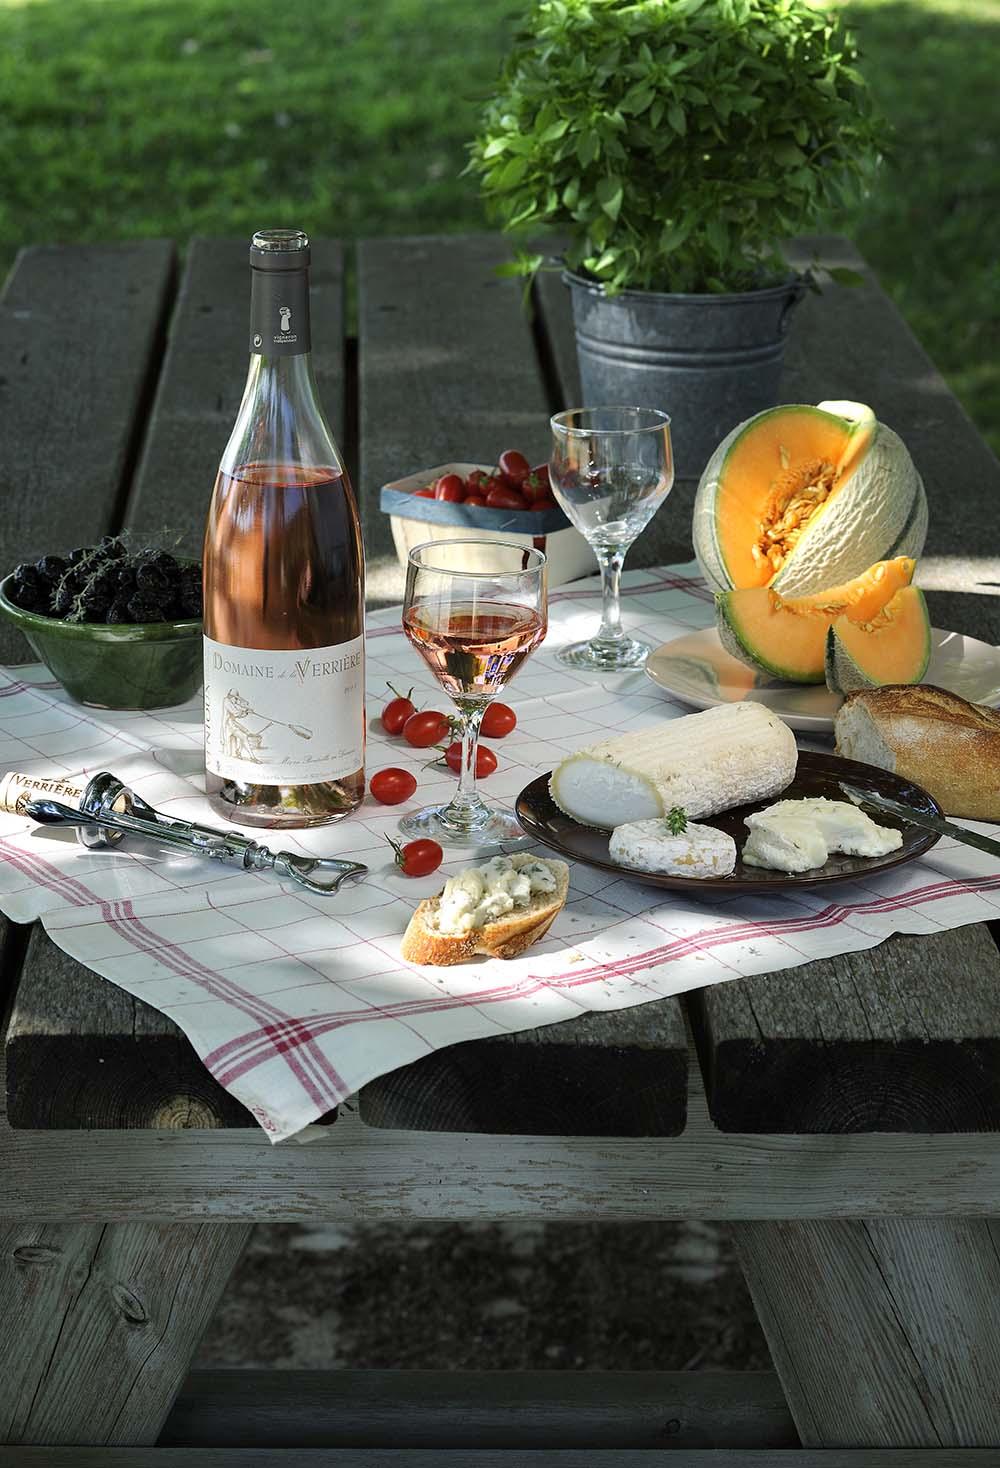 Domaine de la Verrière Luberon vin rosé de Provence AOP Ventoux